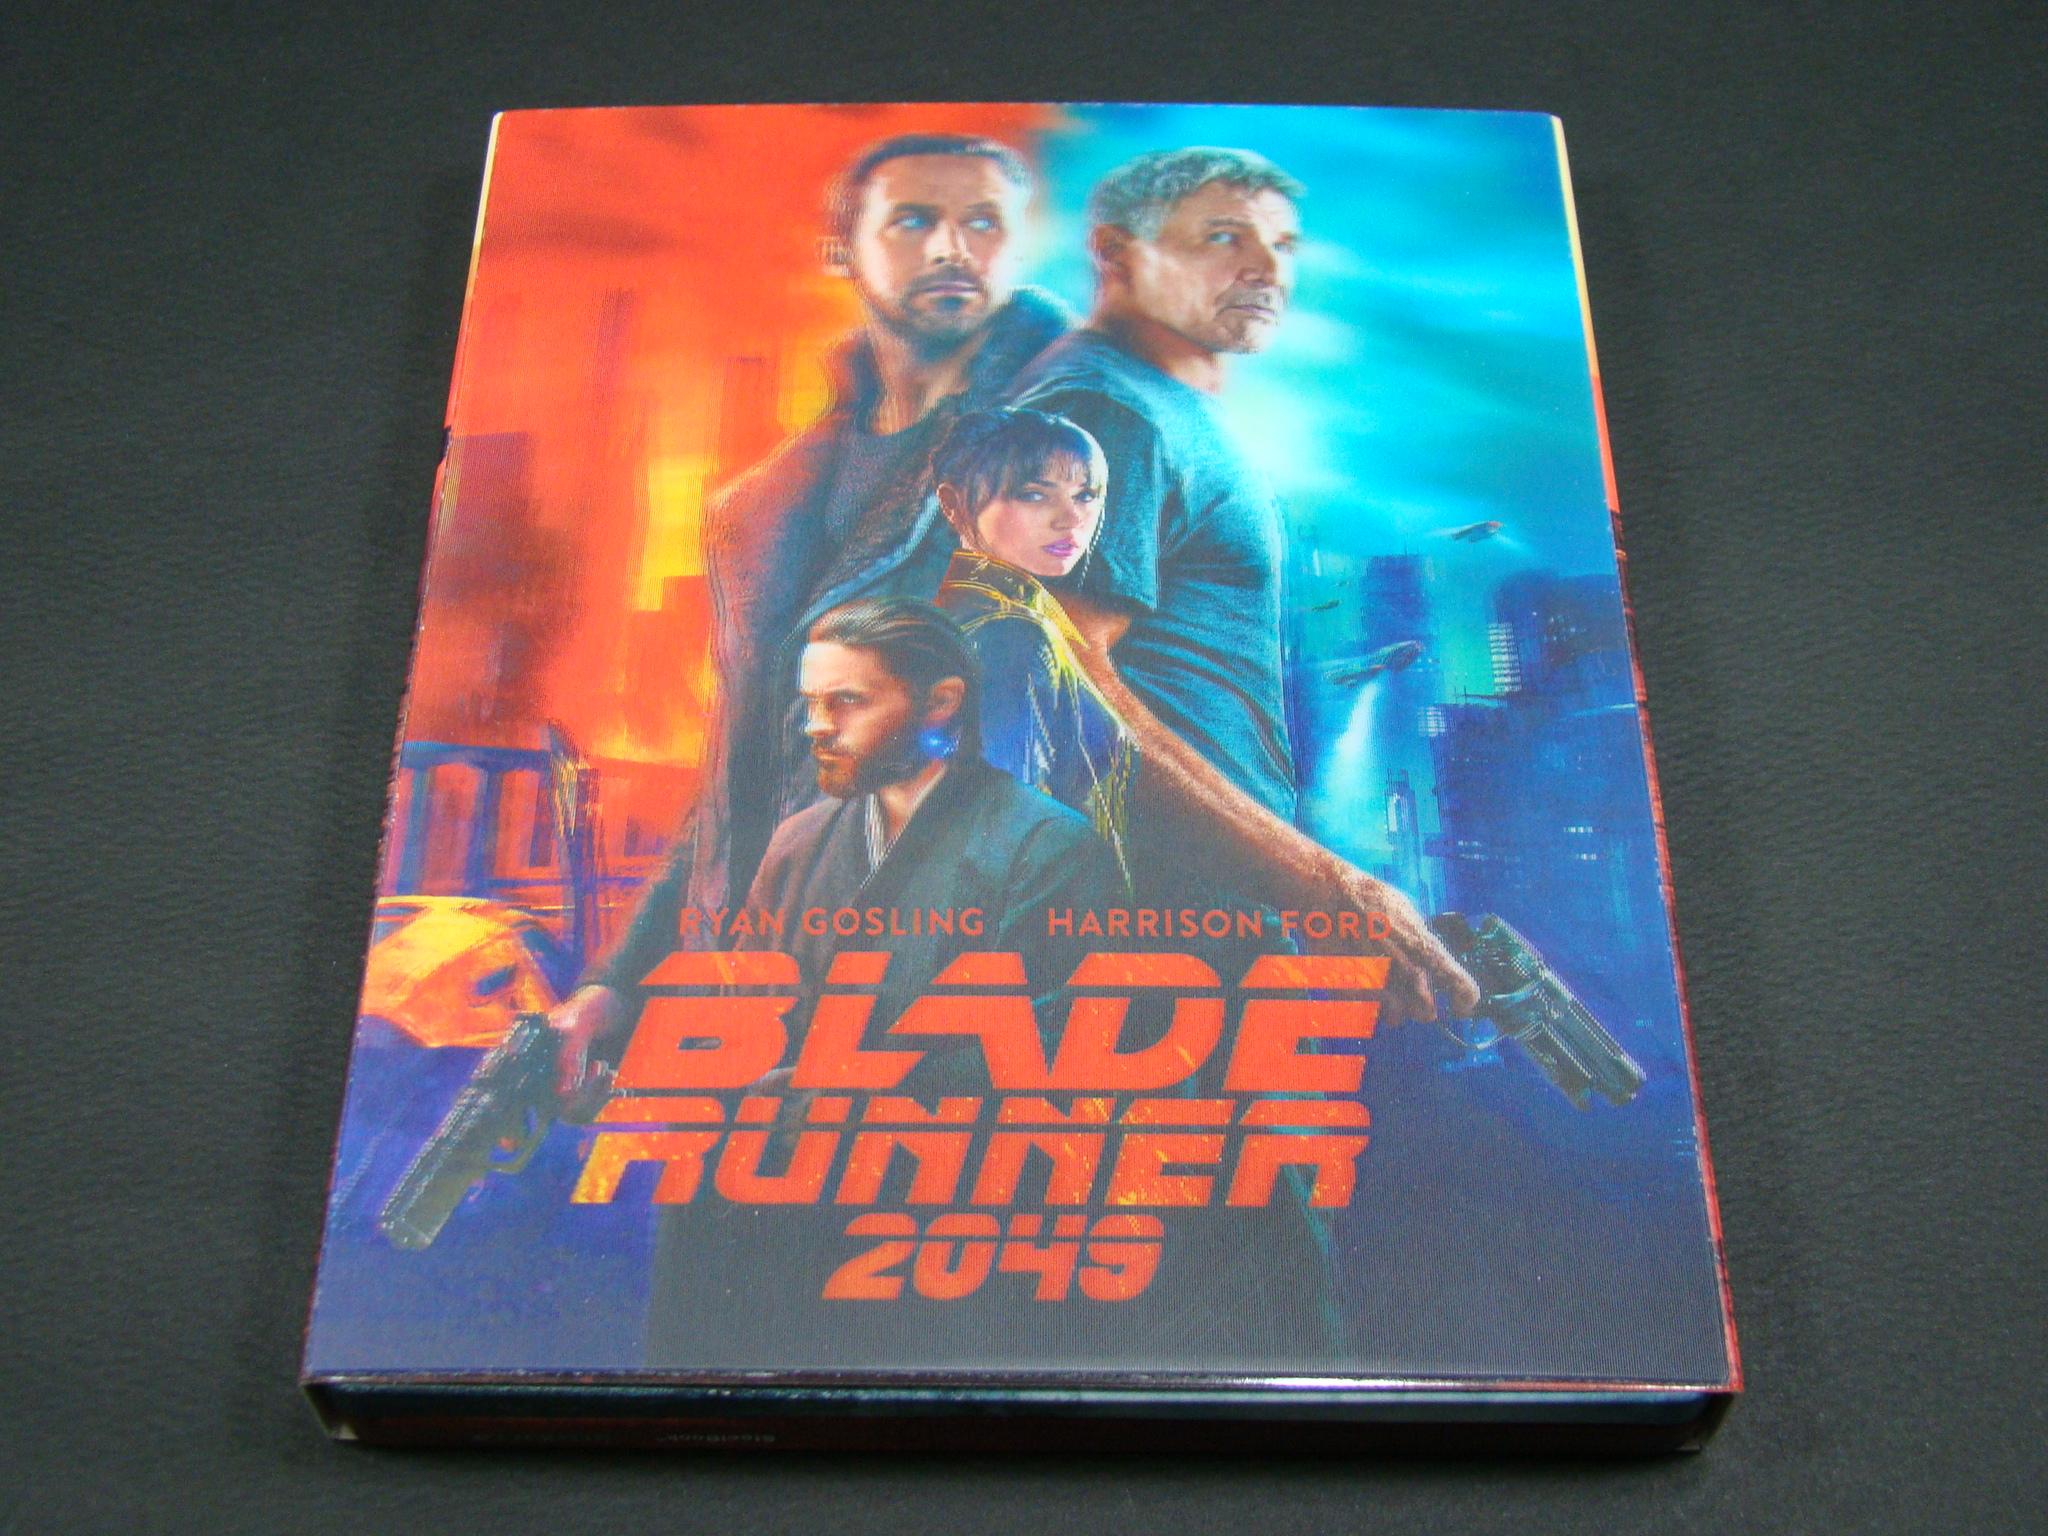 [블루레이] '블레이드 러너 2049' 렌티큘러 스틸..